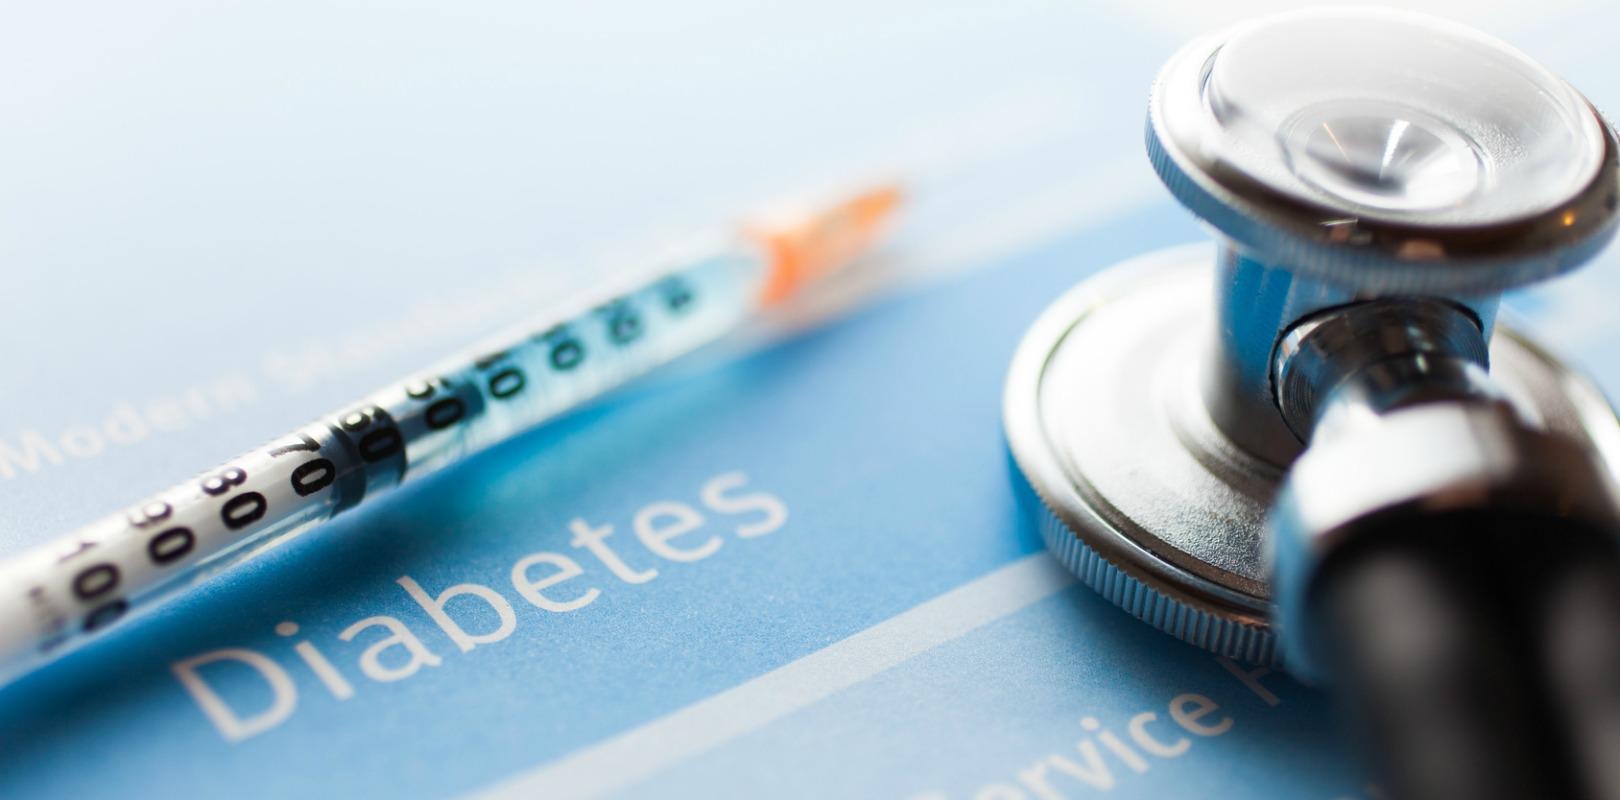 Специалисты нашли способ заблаговременного выявления риска возникновения диабета второго типа